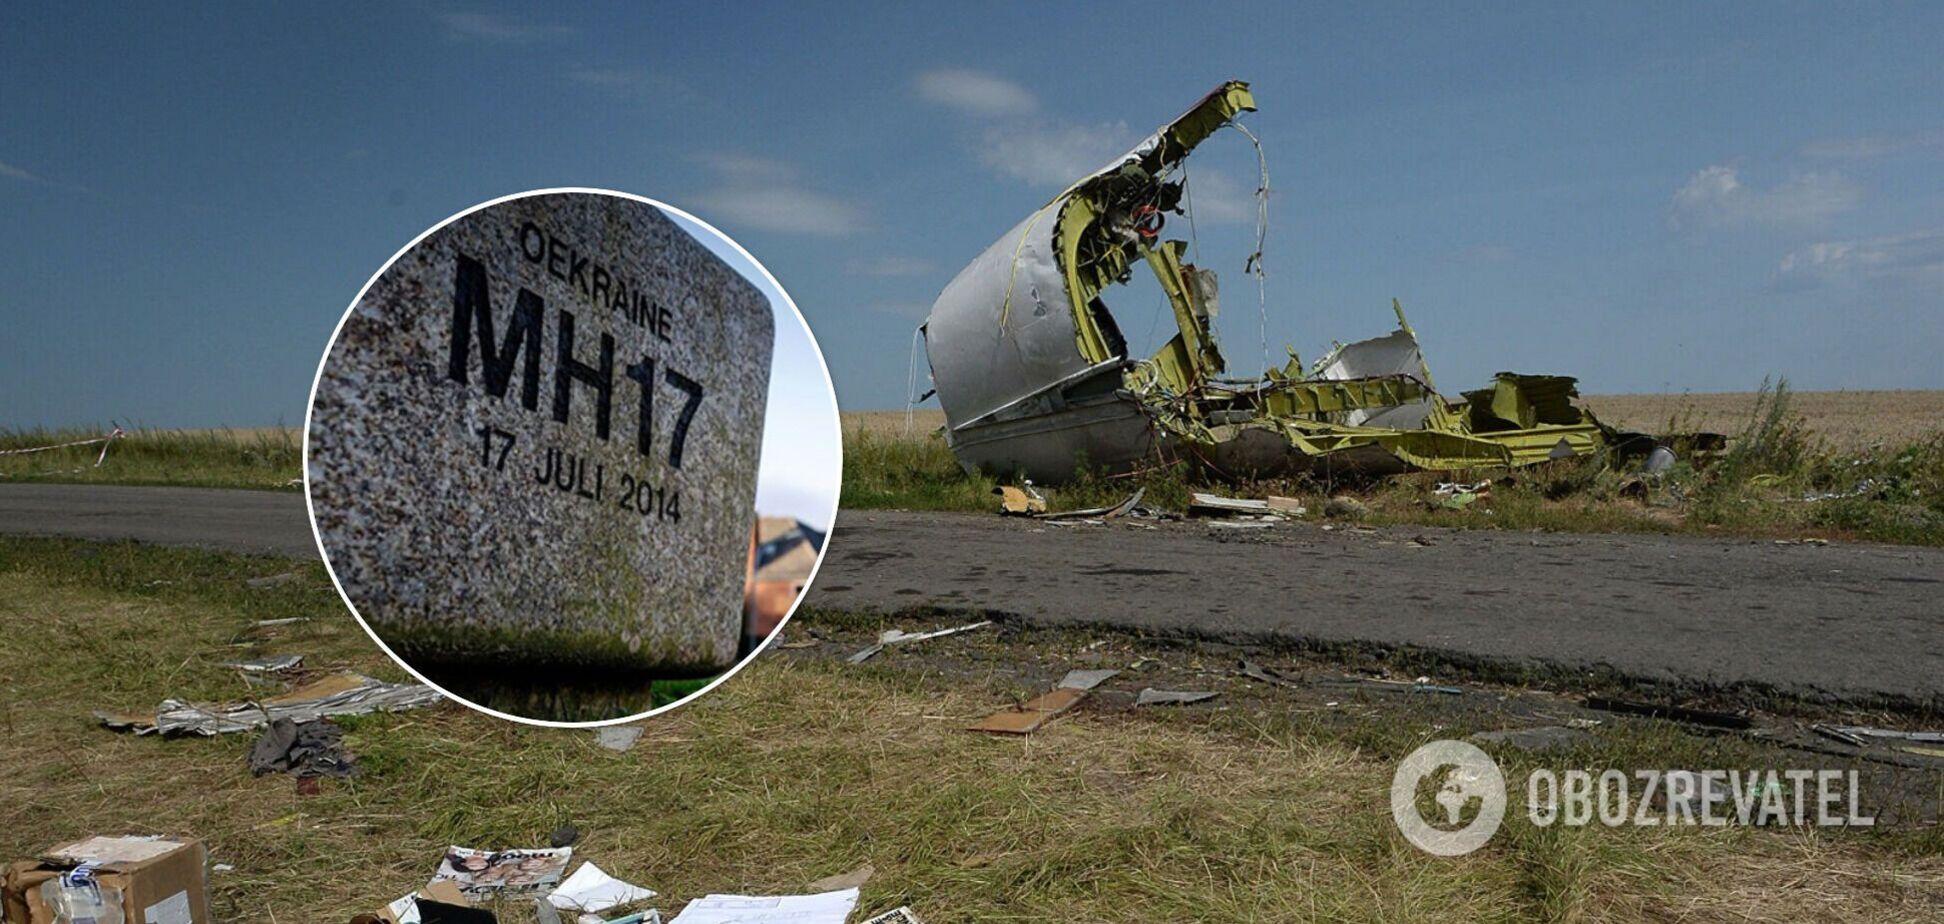 МН17 був збитий у 2014 році